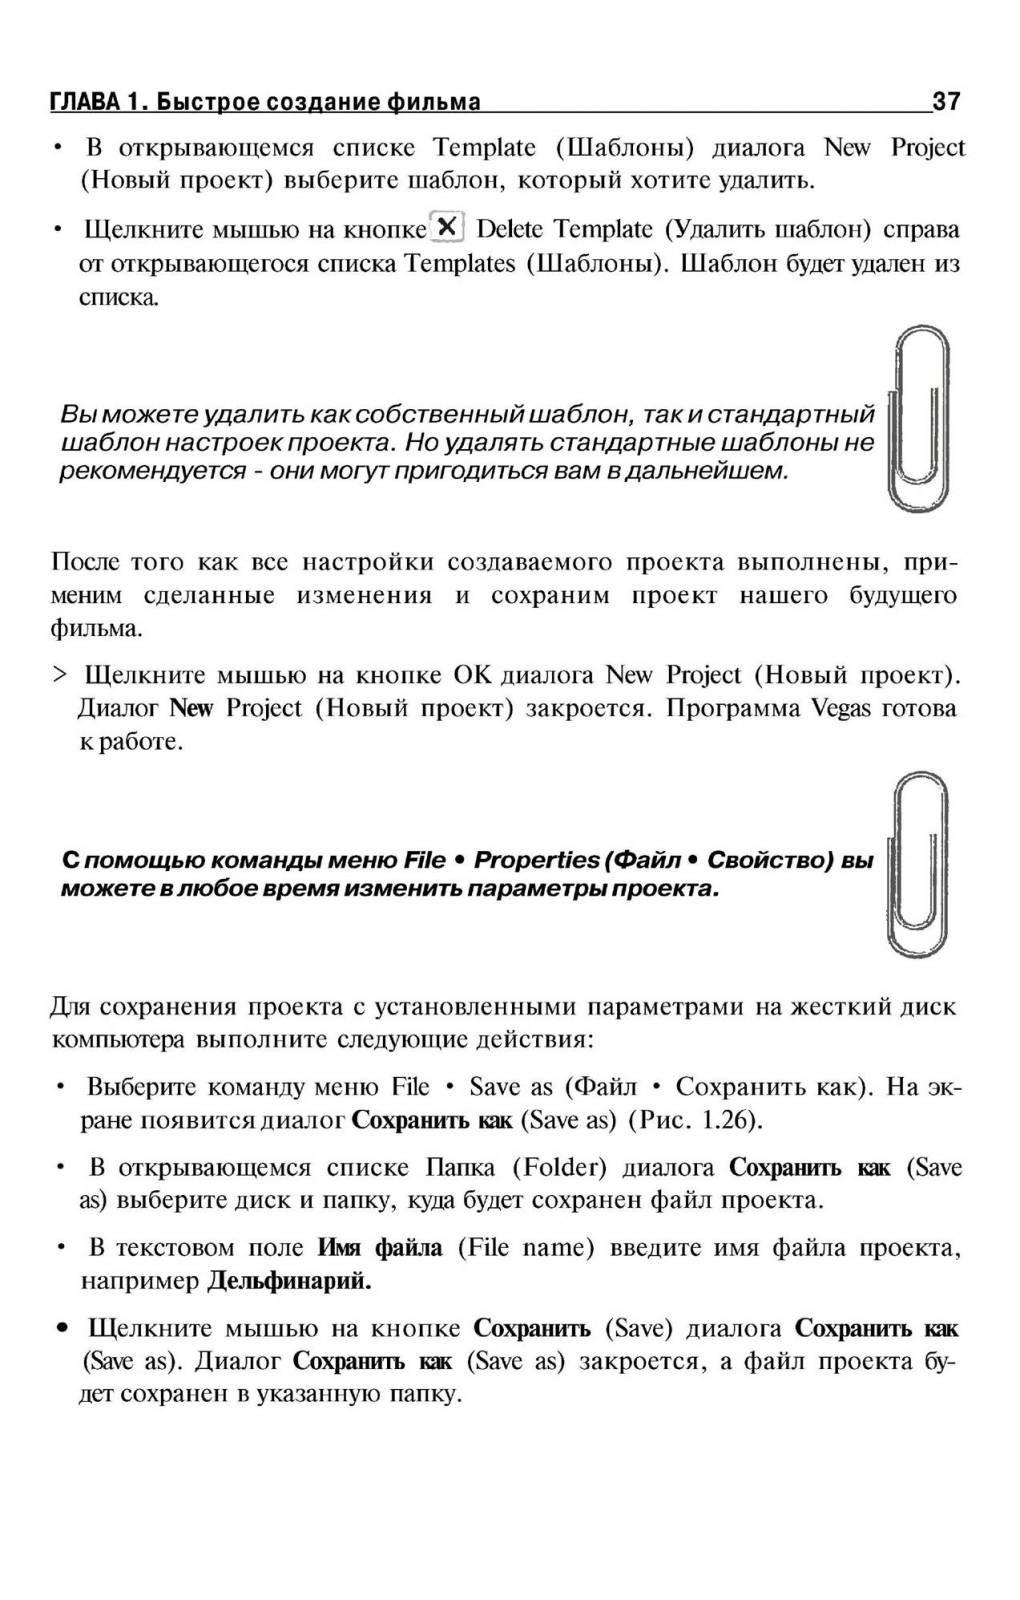 http://redaktori-uroki.3dn.ru/_ph/13/727908026.jpg